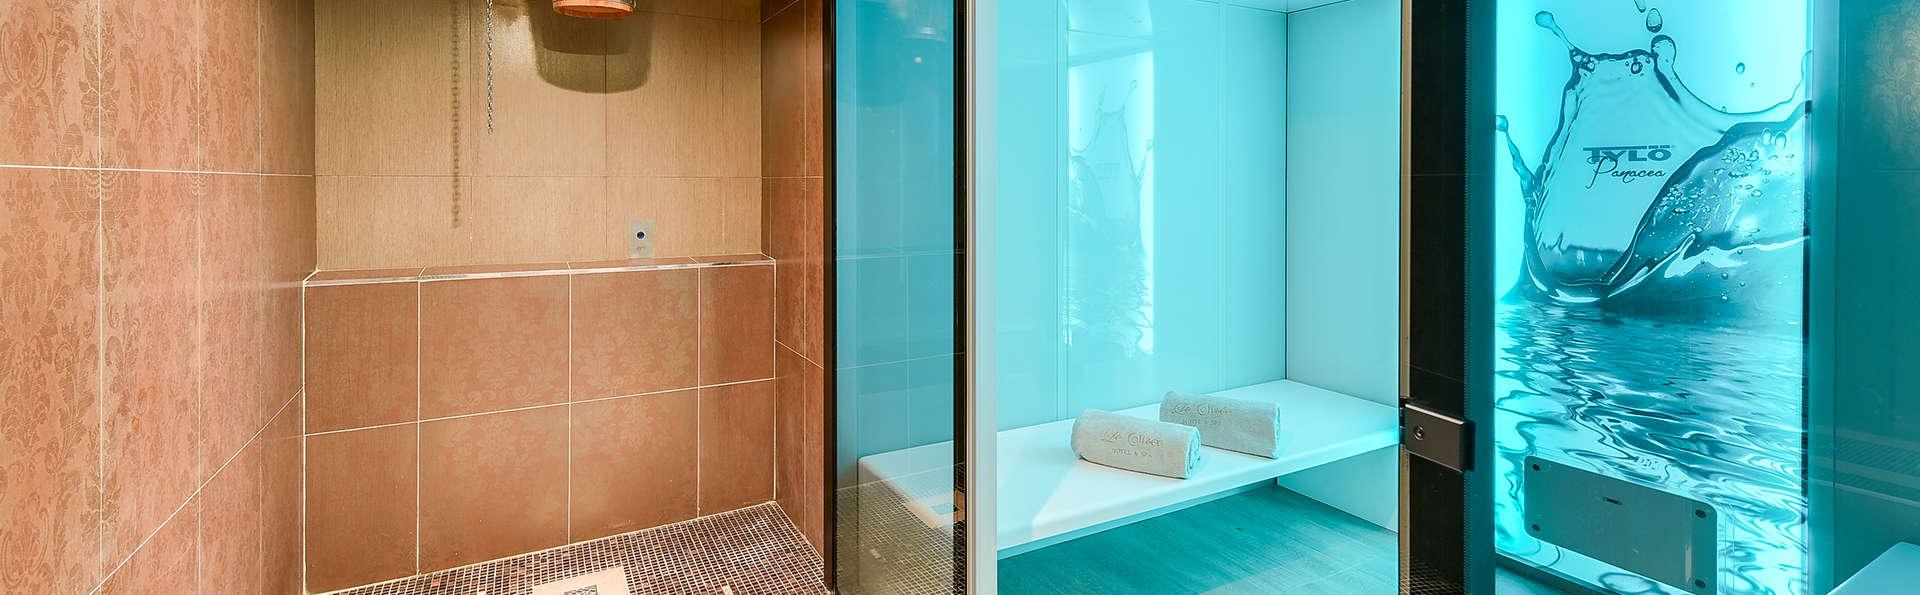 week end bien tre saint herblain avec 1 acc s au sauna et hammam partir de 194. Black Bedroom Furniture Sets. Home Design Ideas